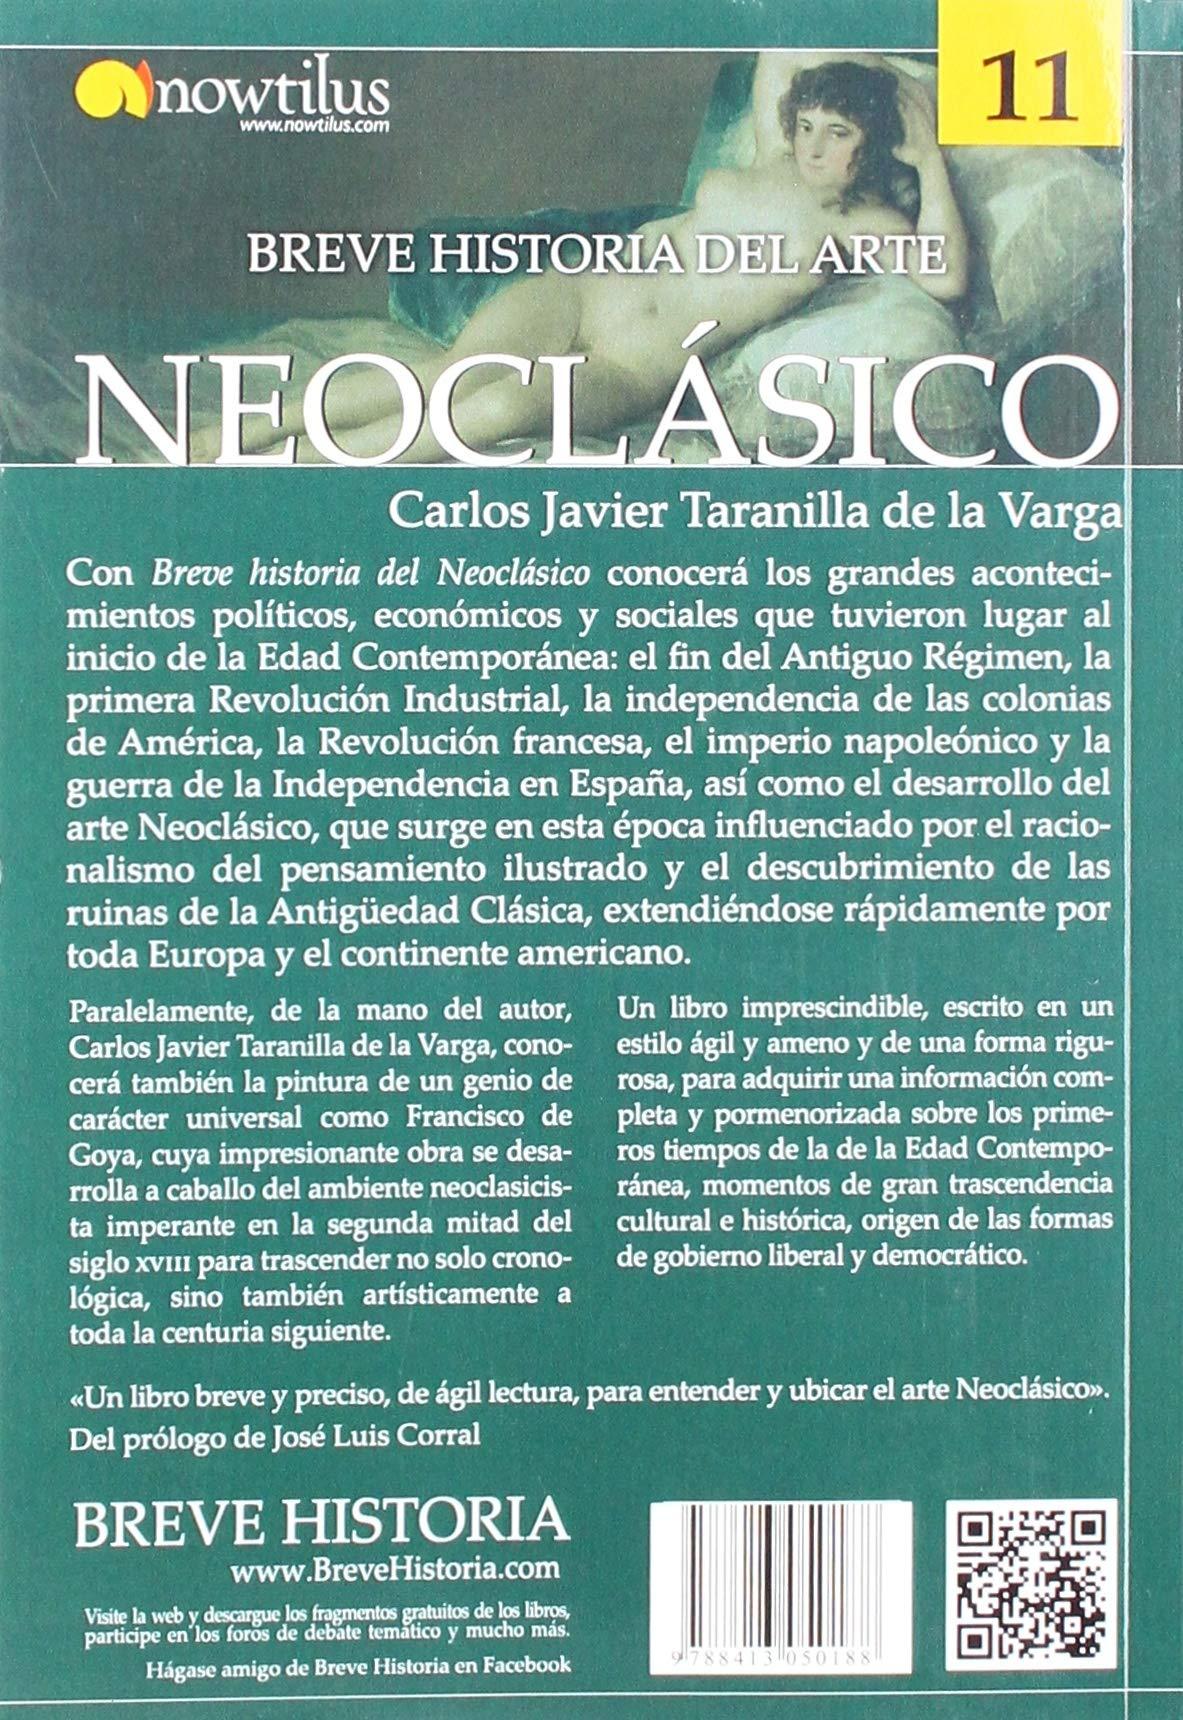 Breve historia del arte Neoclásico: Amazon.es: Taranilla de la Varga, Carlos Javier: Libros